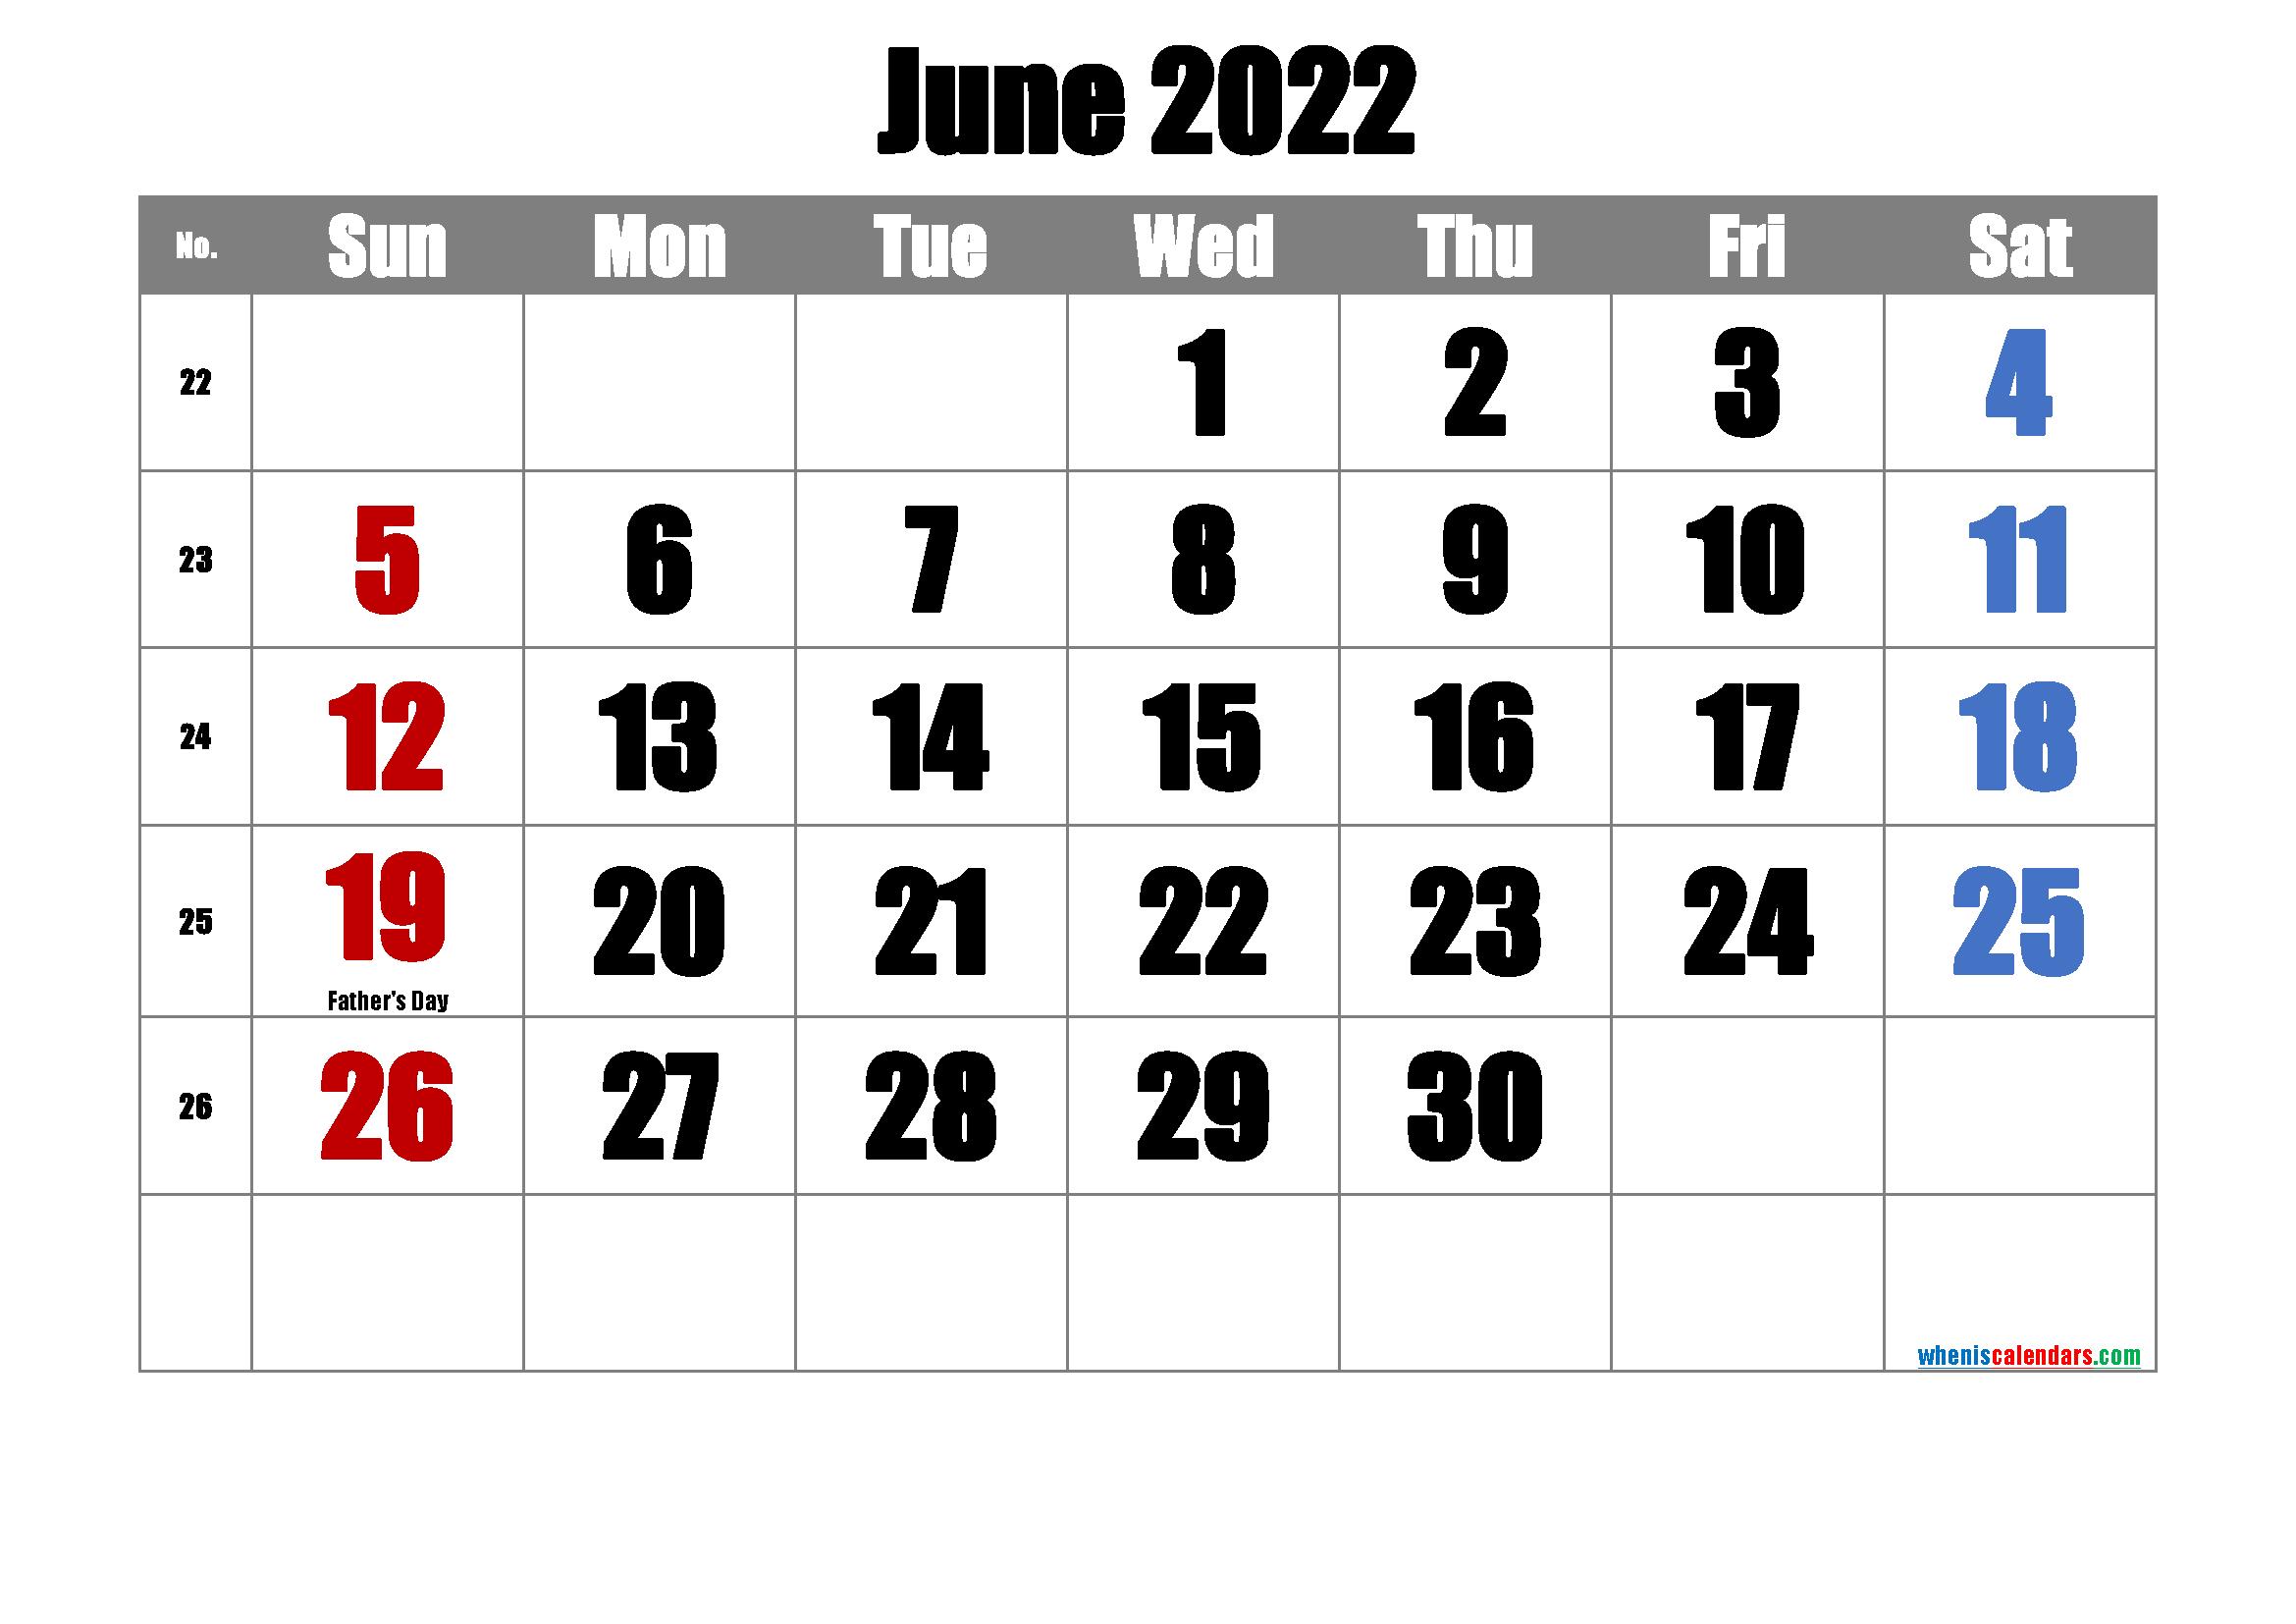 Free June 2022 Calendar Printable